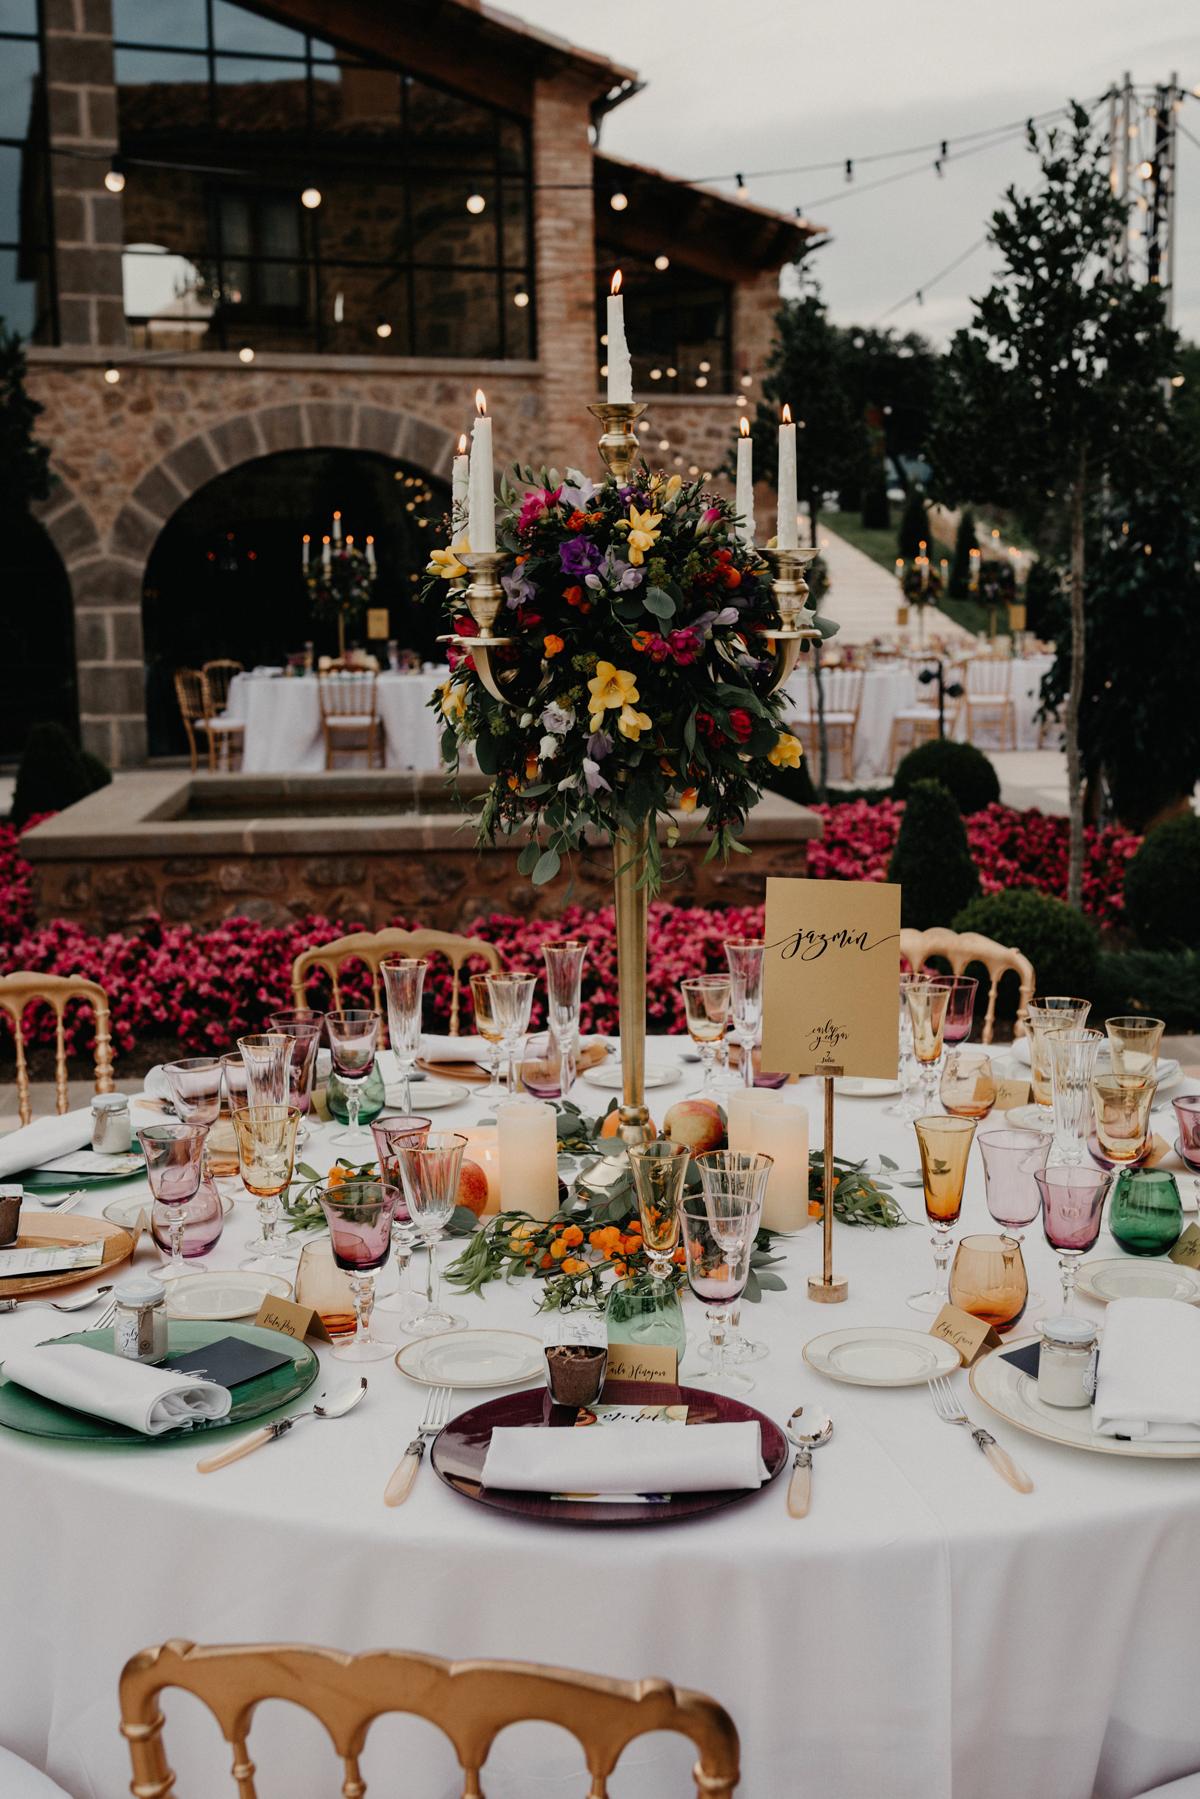 Carla-Hinojosa-Una-boda-llena-de-detalles-13